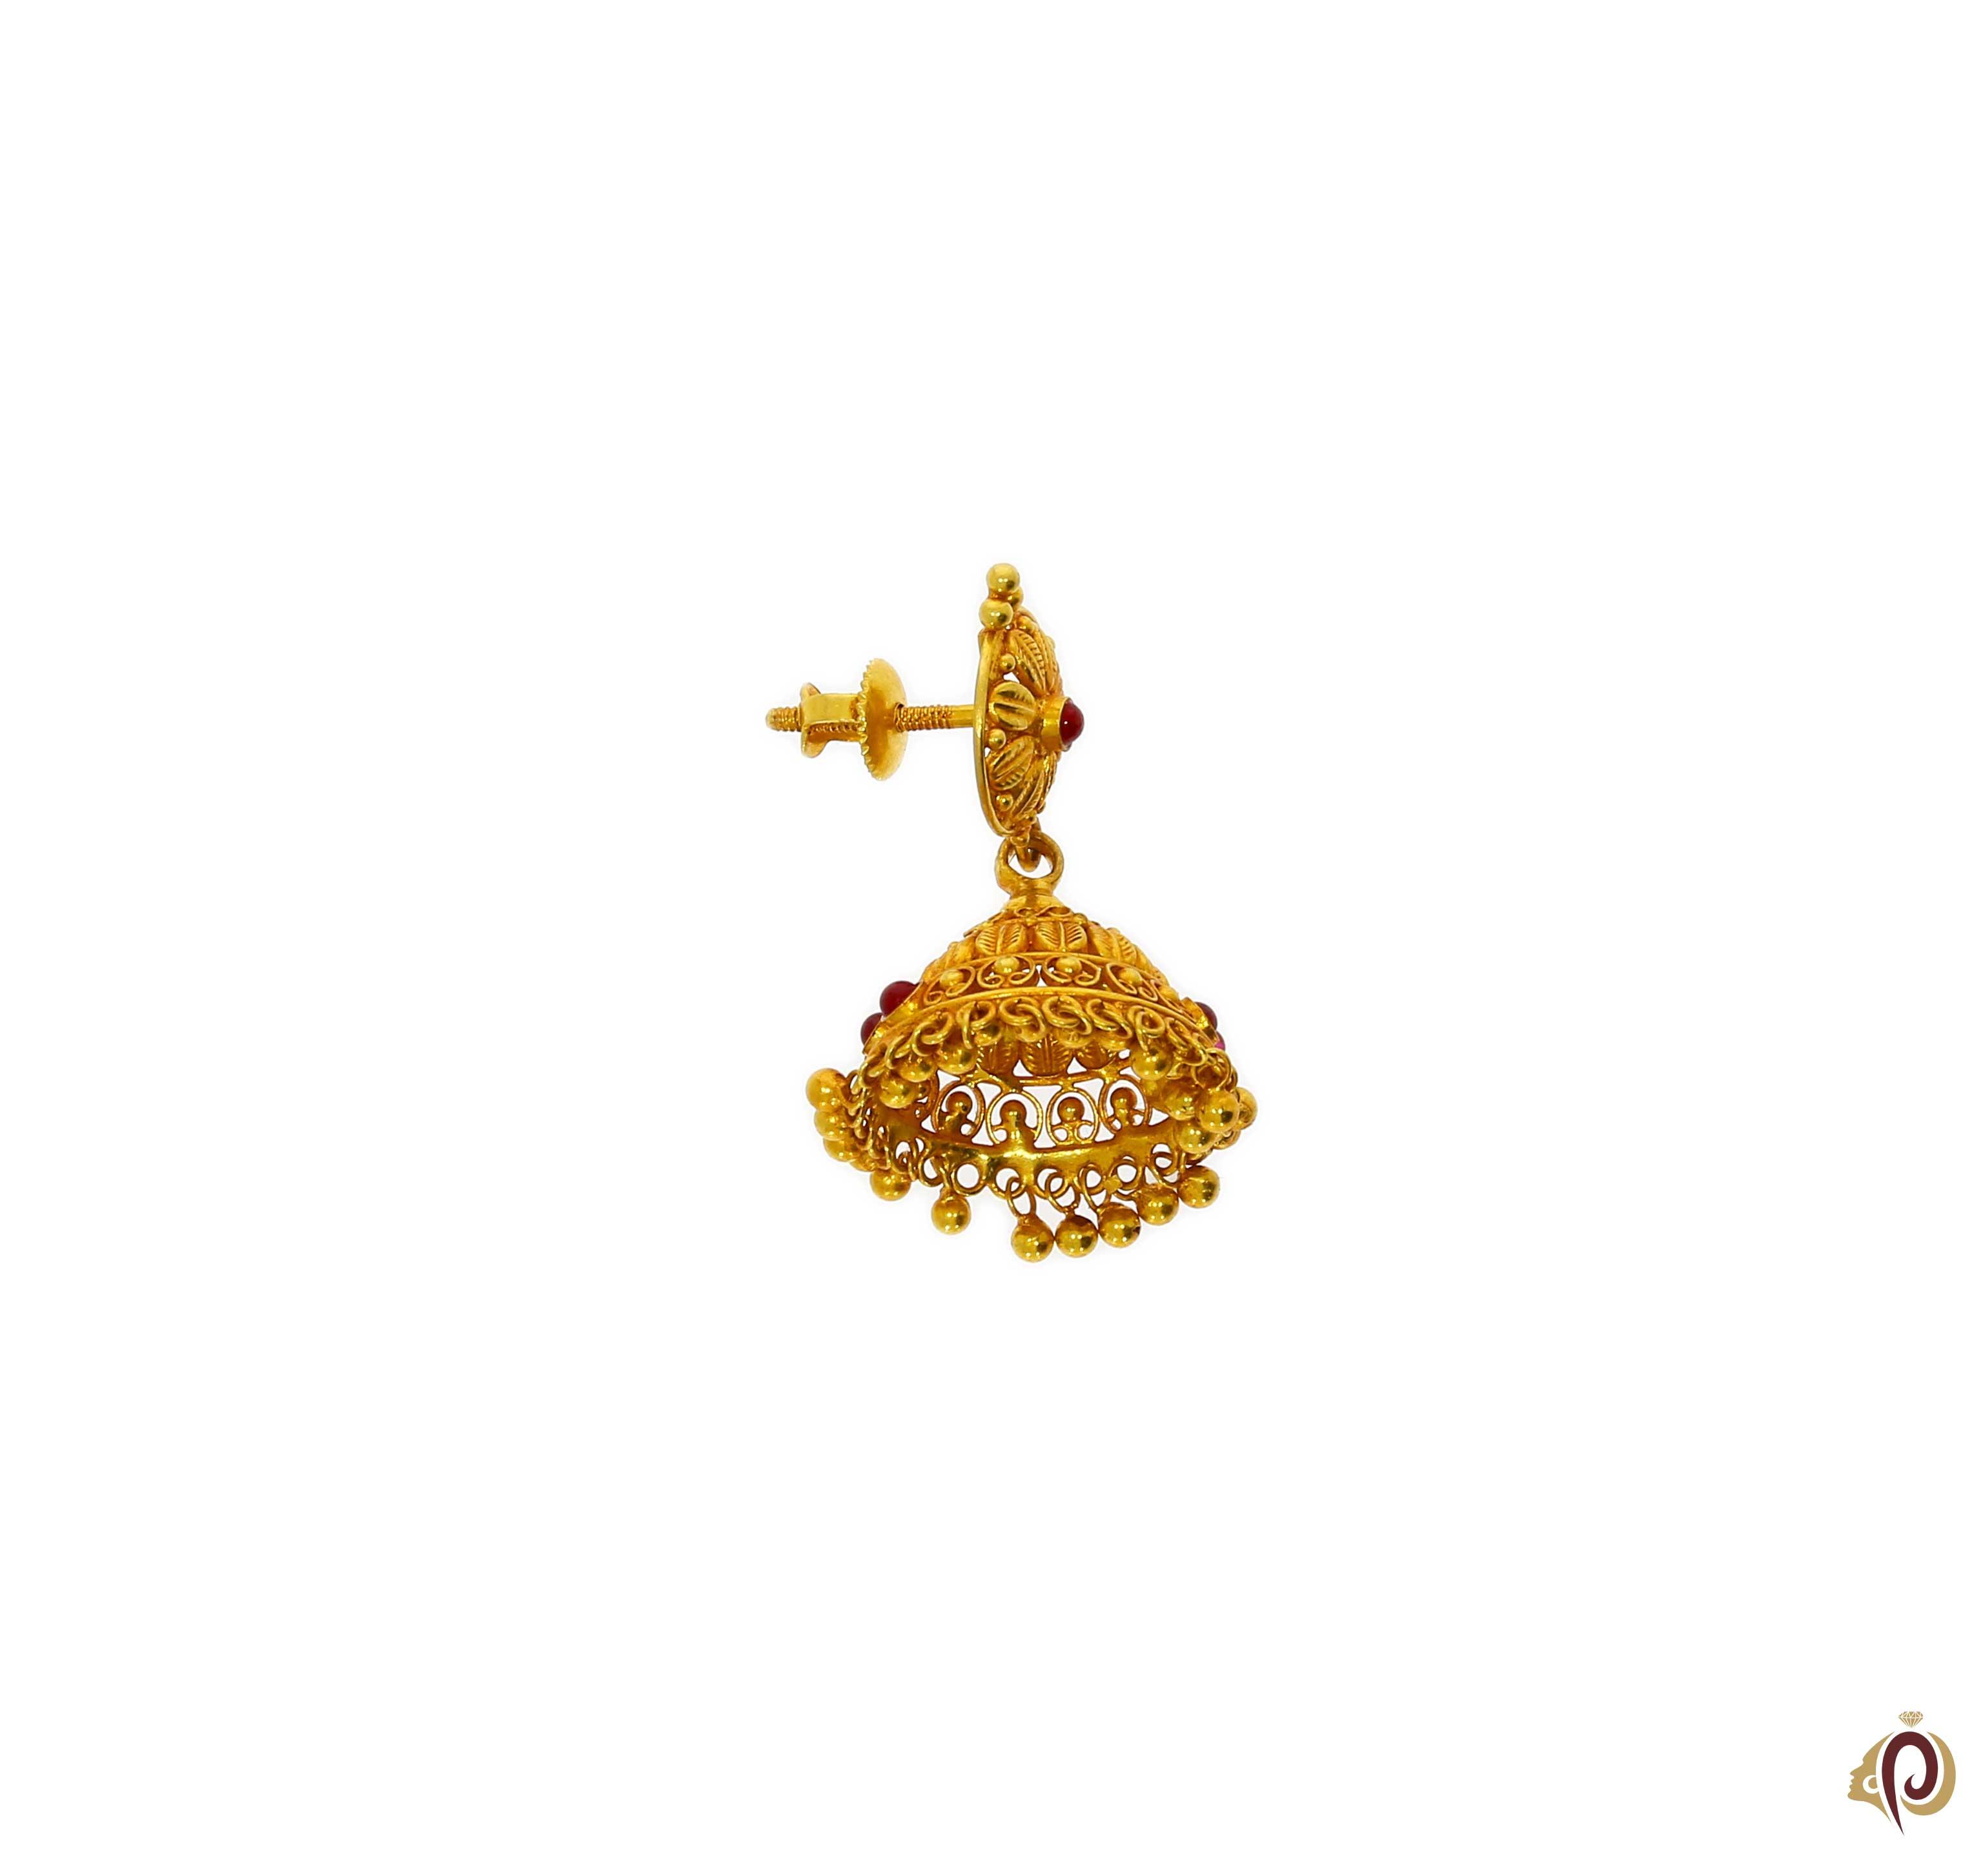 Clipart pune gold earrings freeuse stock Beautyful Designer Red Stone Golden Zumka Tops freeuse stock